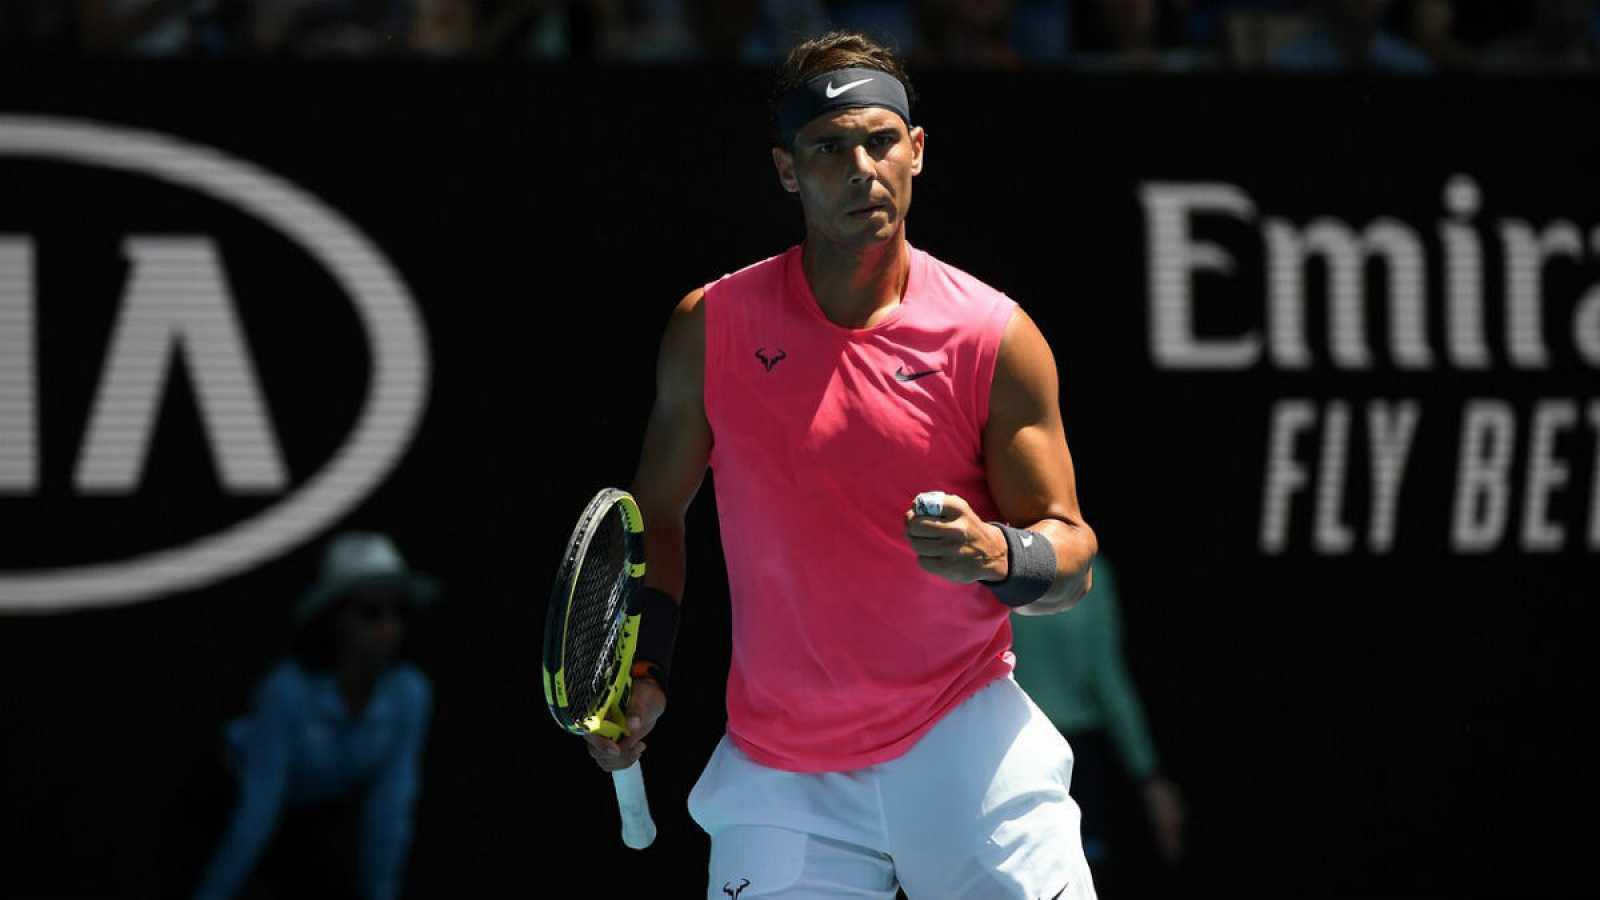 Imagen de Rafa Nadal en su partido contra Hugo Dellien en el segundo día del Abierto de Australia, en Melbourne.